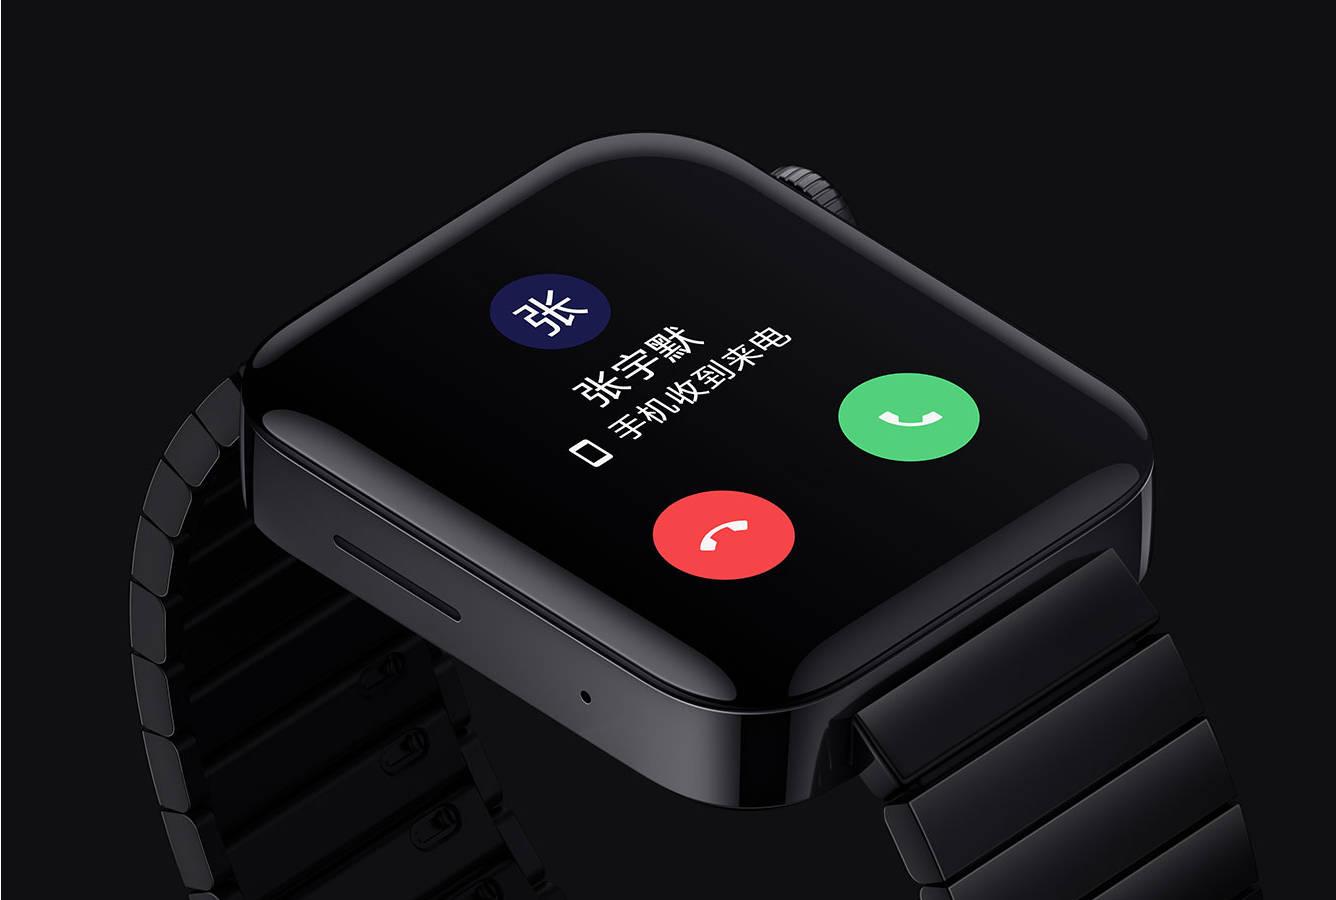 Xiaomi Mi Watch cena eISM smartwatch z WearOS Wearables